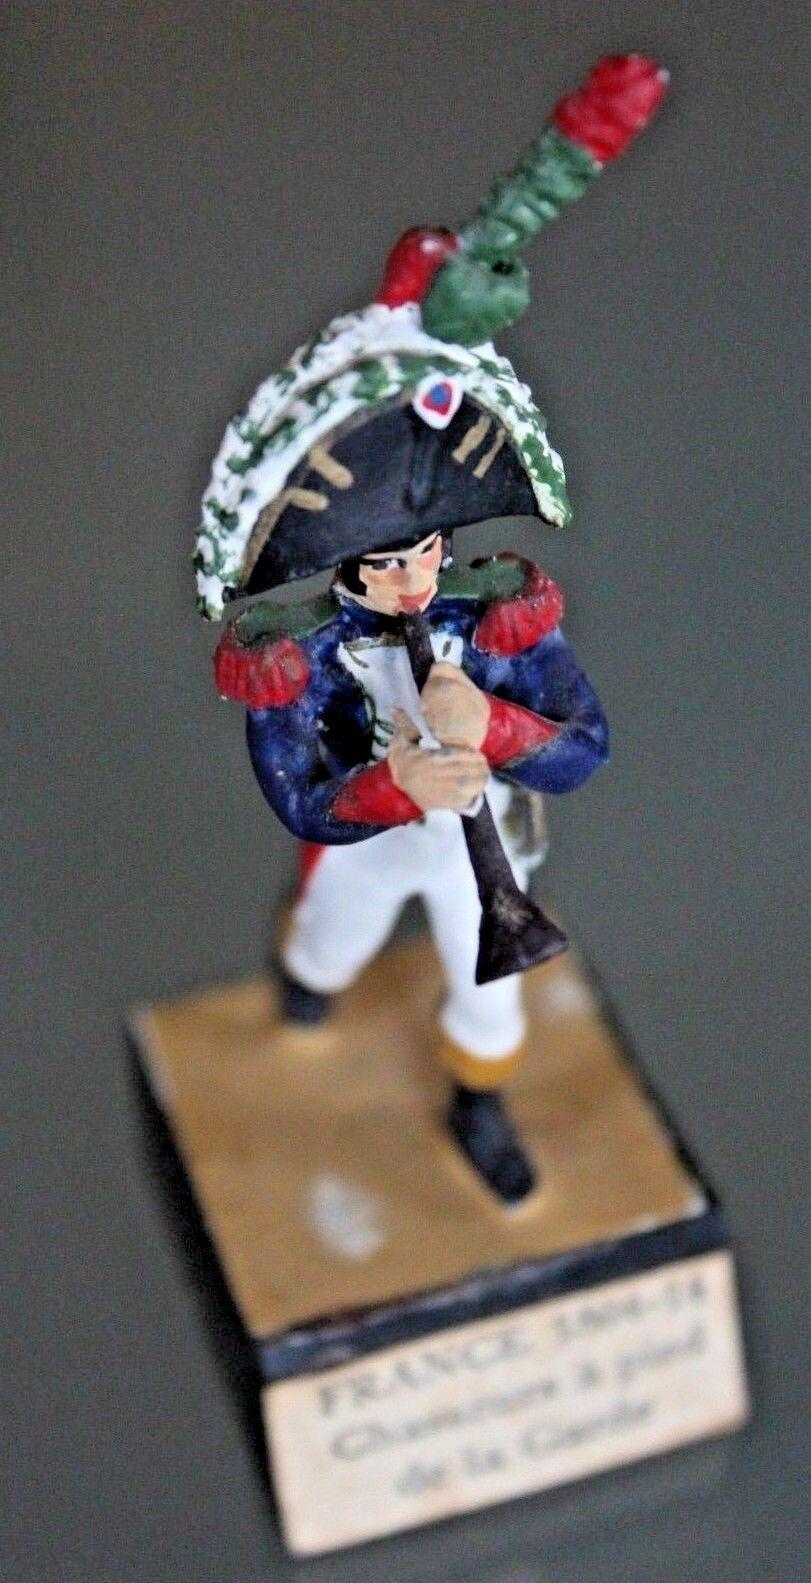 Soldat Blei Almirall Almirall Almirall Années 70 Jäger der Garde Trompete Premier Empire 96d4cb